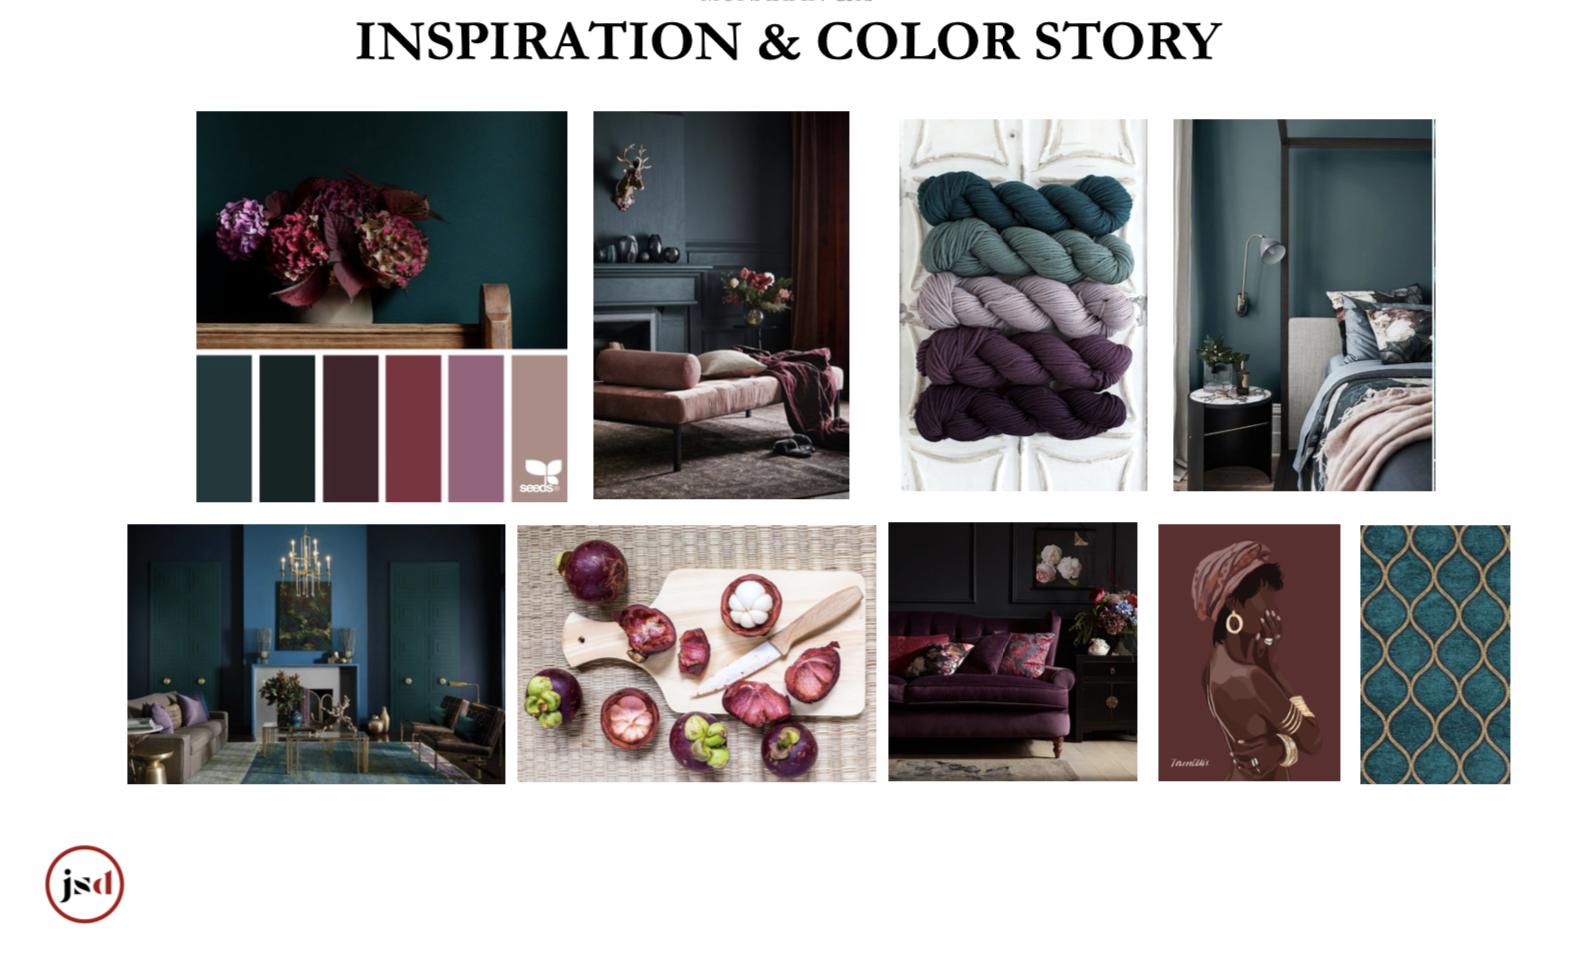 bedroom color inspiration moody deep jewel tones teal plum garnet navy